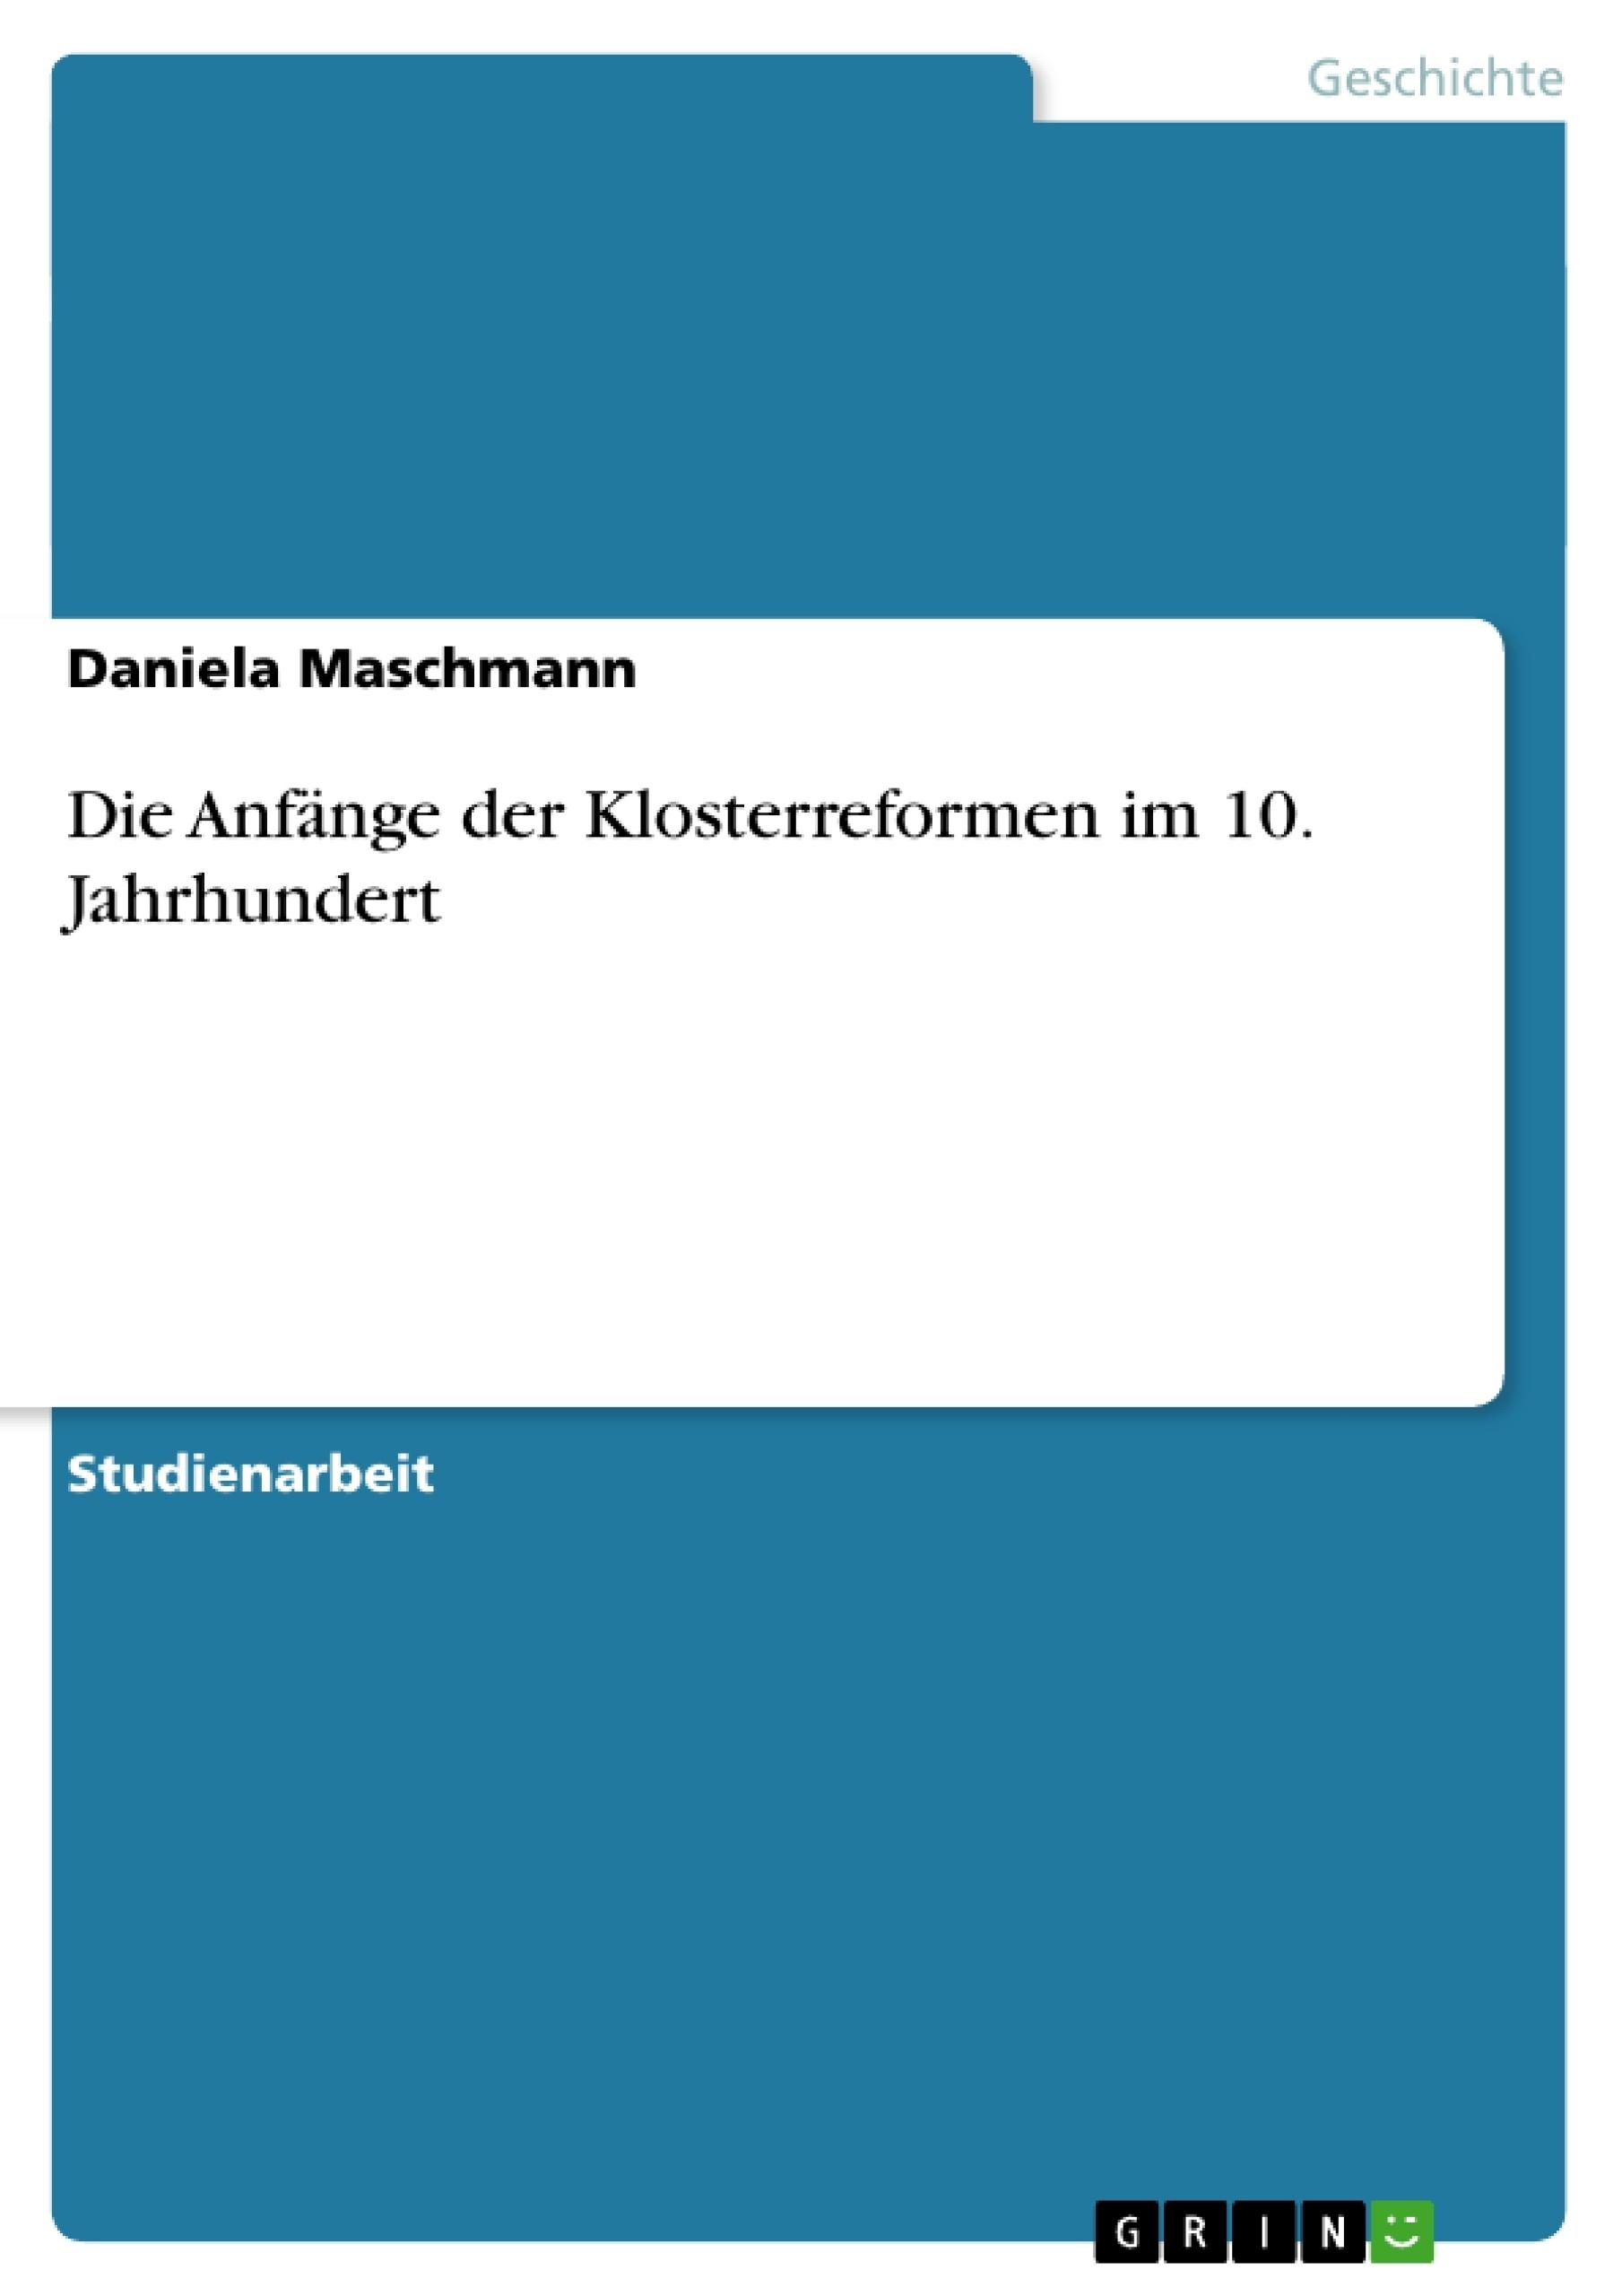 Titel: Die Anfänge der Klosterreformen im 10. Jahrhundert